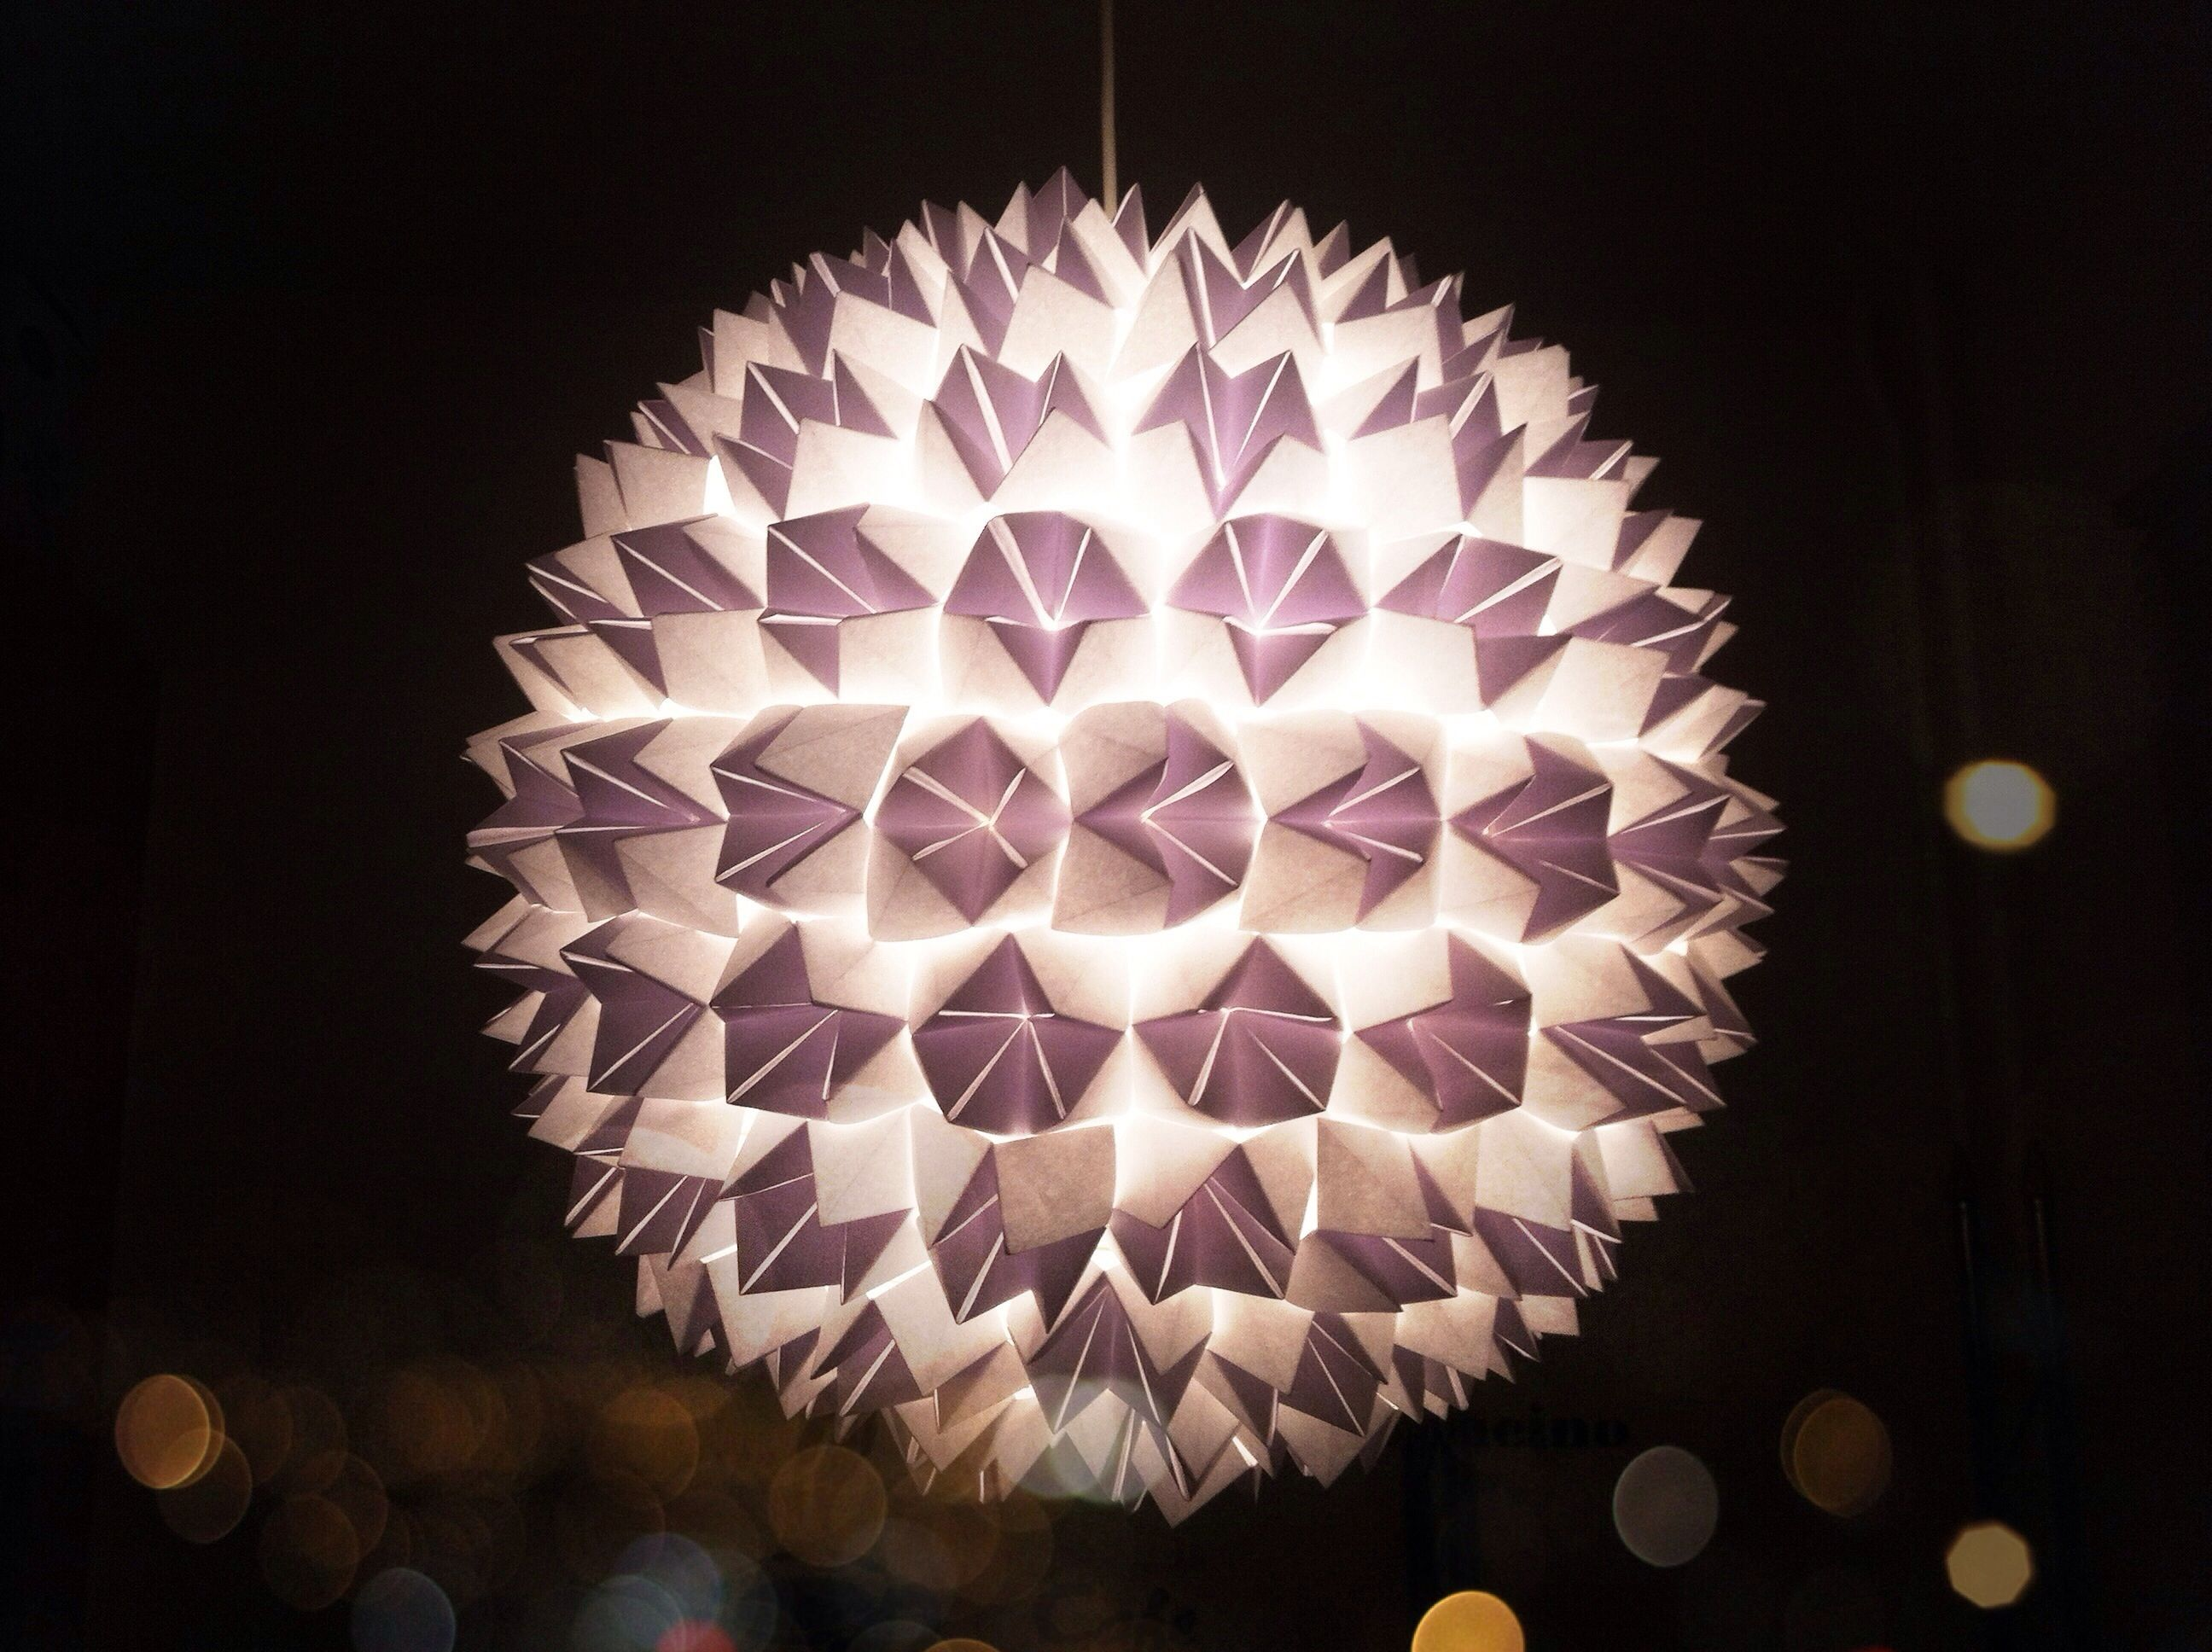 Schnapper lampe ca 152 schnapper quadrat 14x14cm basteln und mit der hei klebepistole an - Spielfiguren basteln ...